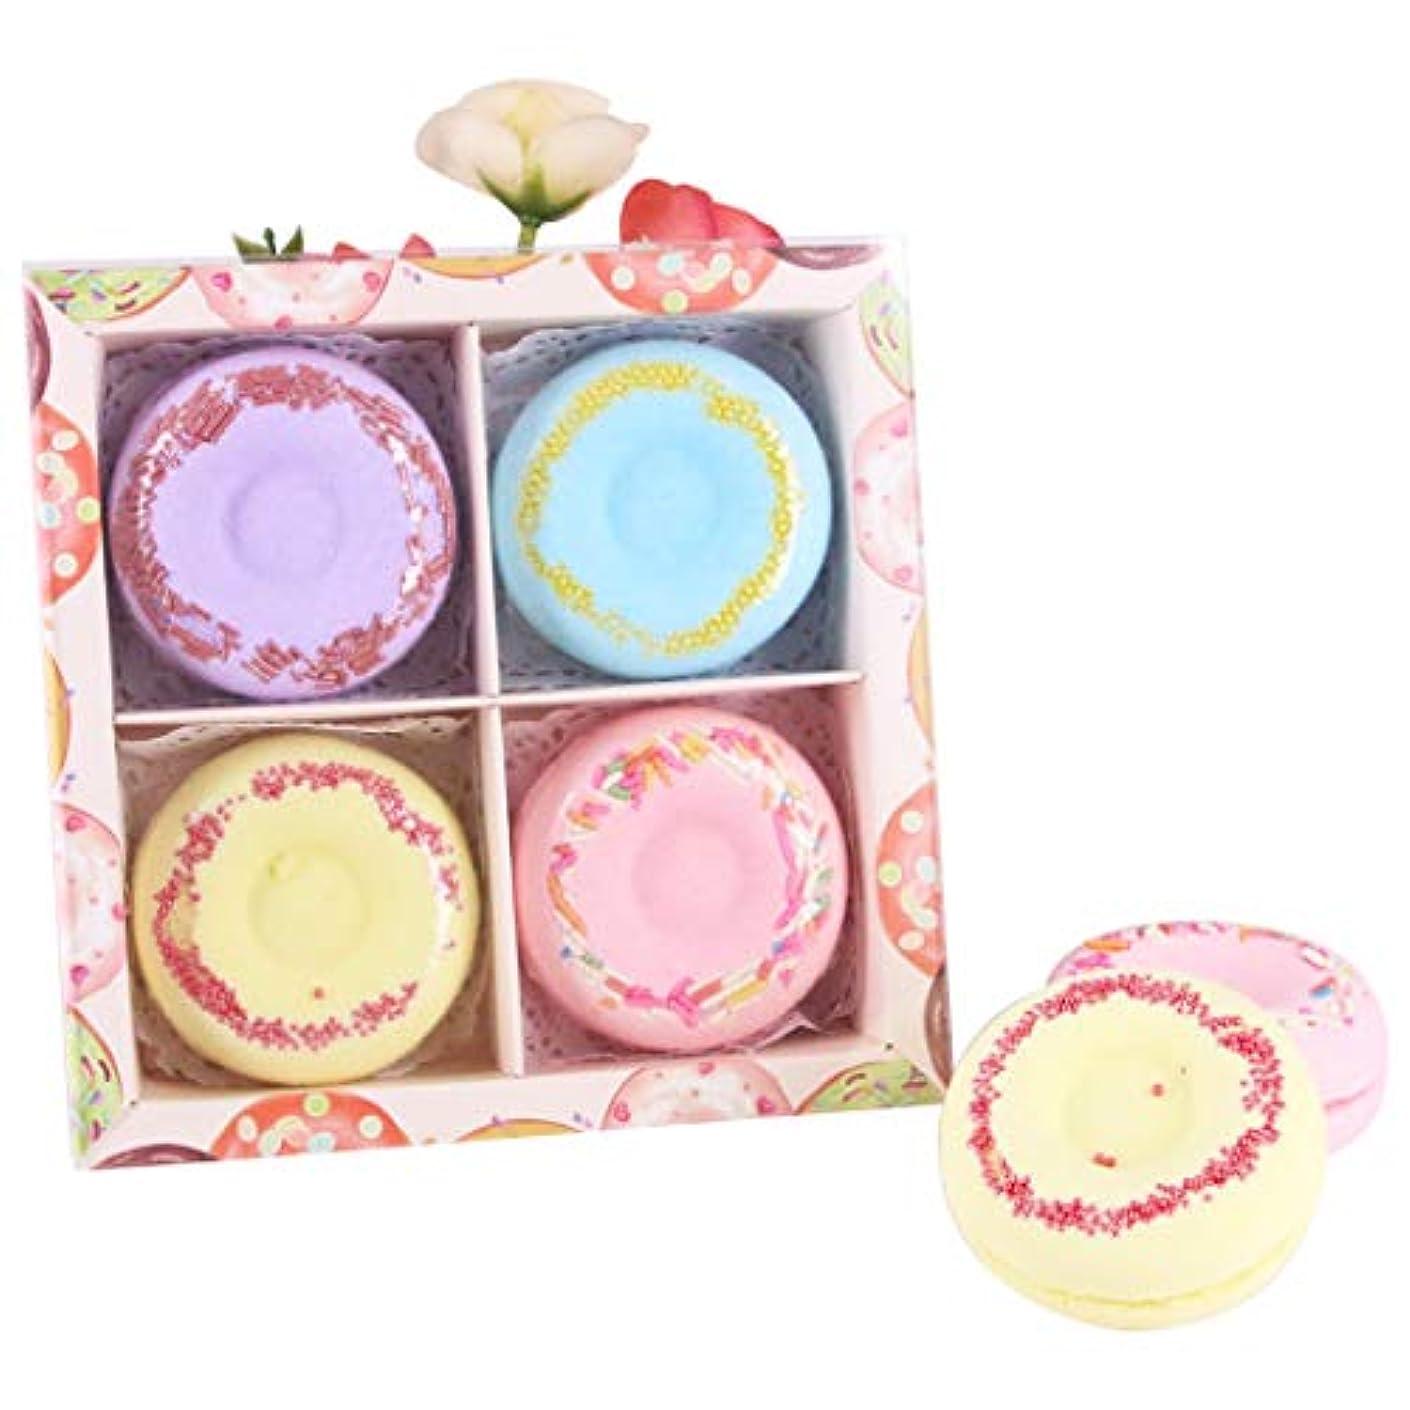 落花生ブース論理的にFunpa 4枚セット 入浴剤 入浴ボール ドーナツ型 可愛い 精油 香り残す バレンタインデー 彼女のプレゼント お風呂用